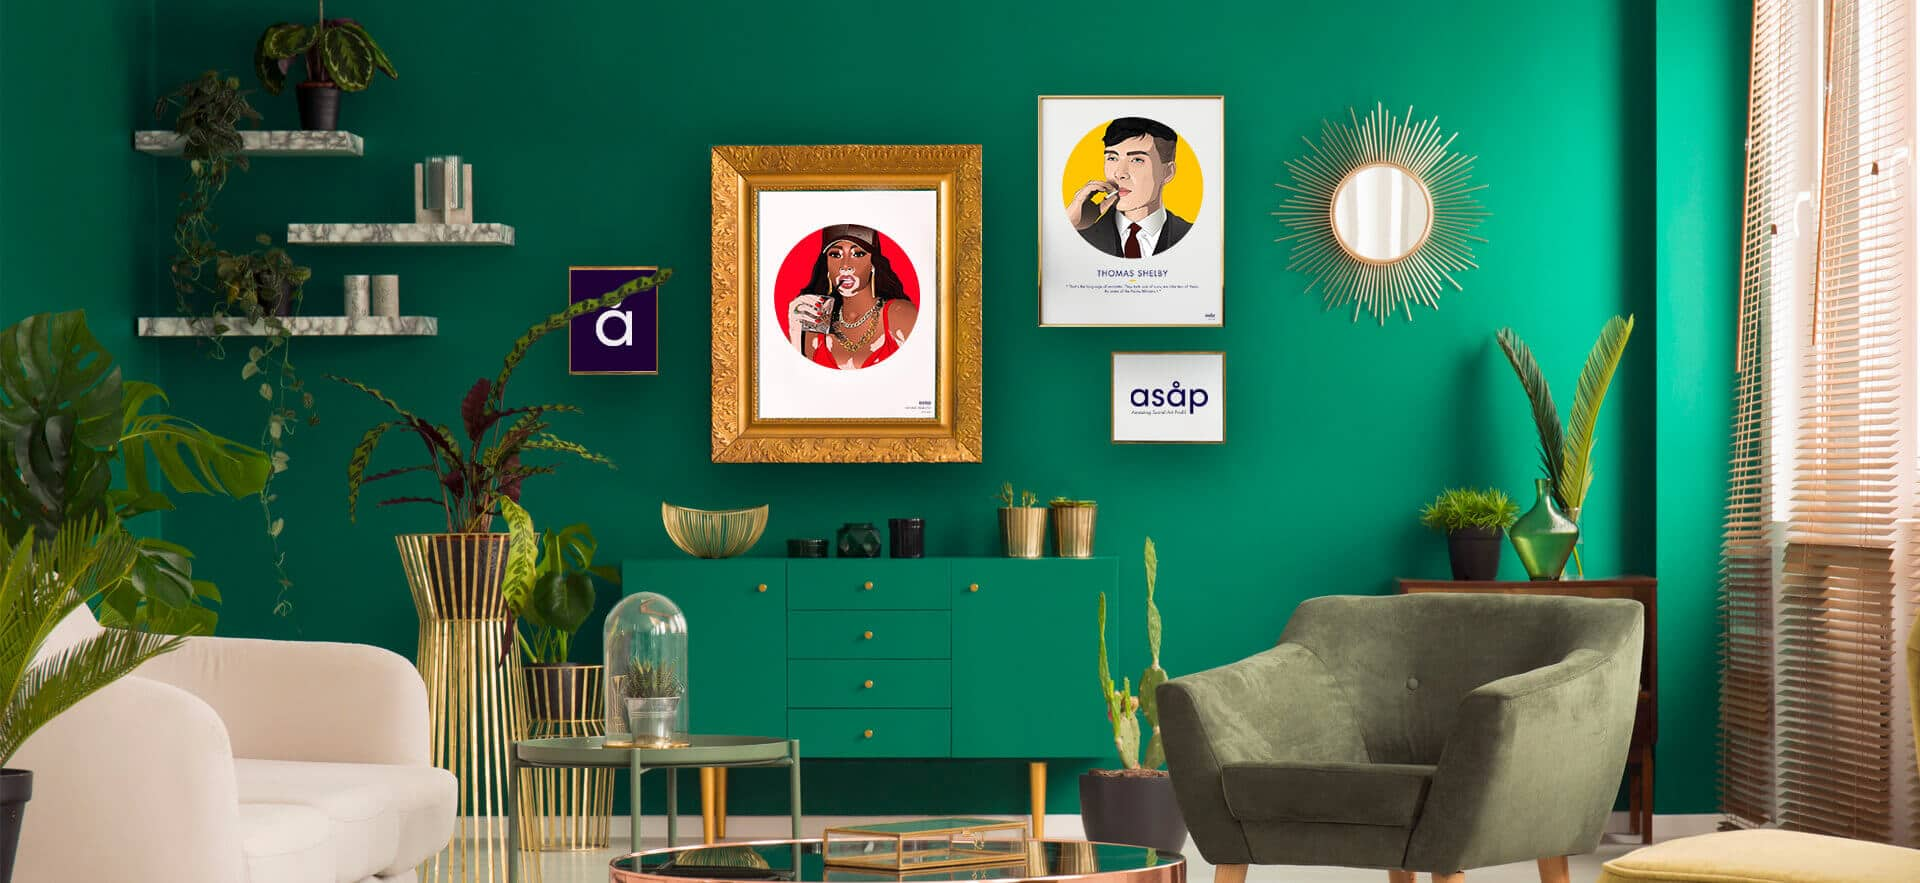 Décoration salon portraits illustration asap